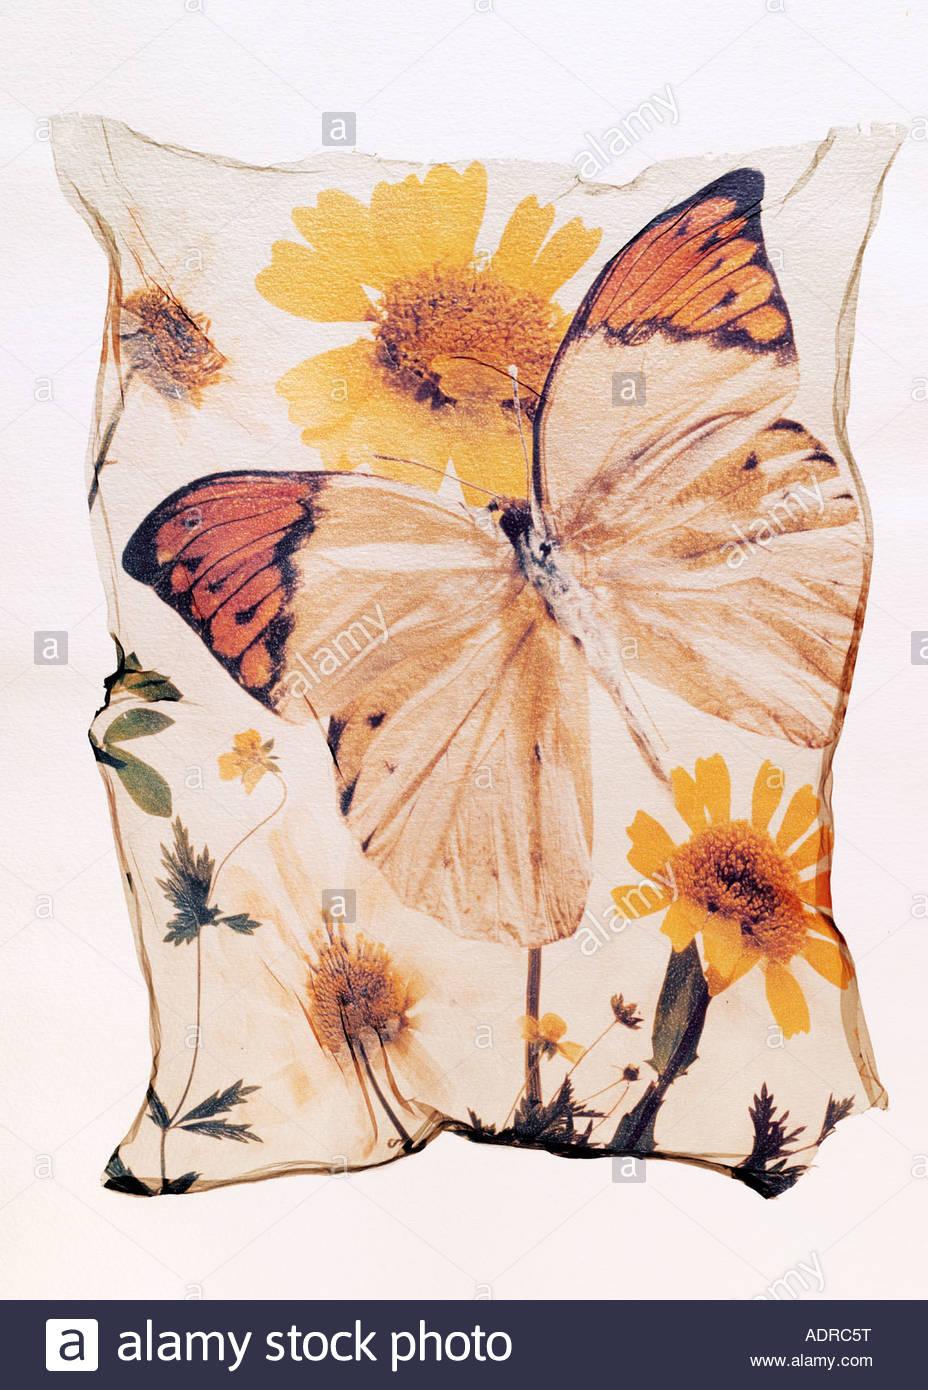 Elevación de Polaroid de una naranja inclinado mariposa sobre una flor, abrió alado. Un concepto de arte Imagen De Stock